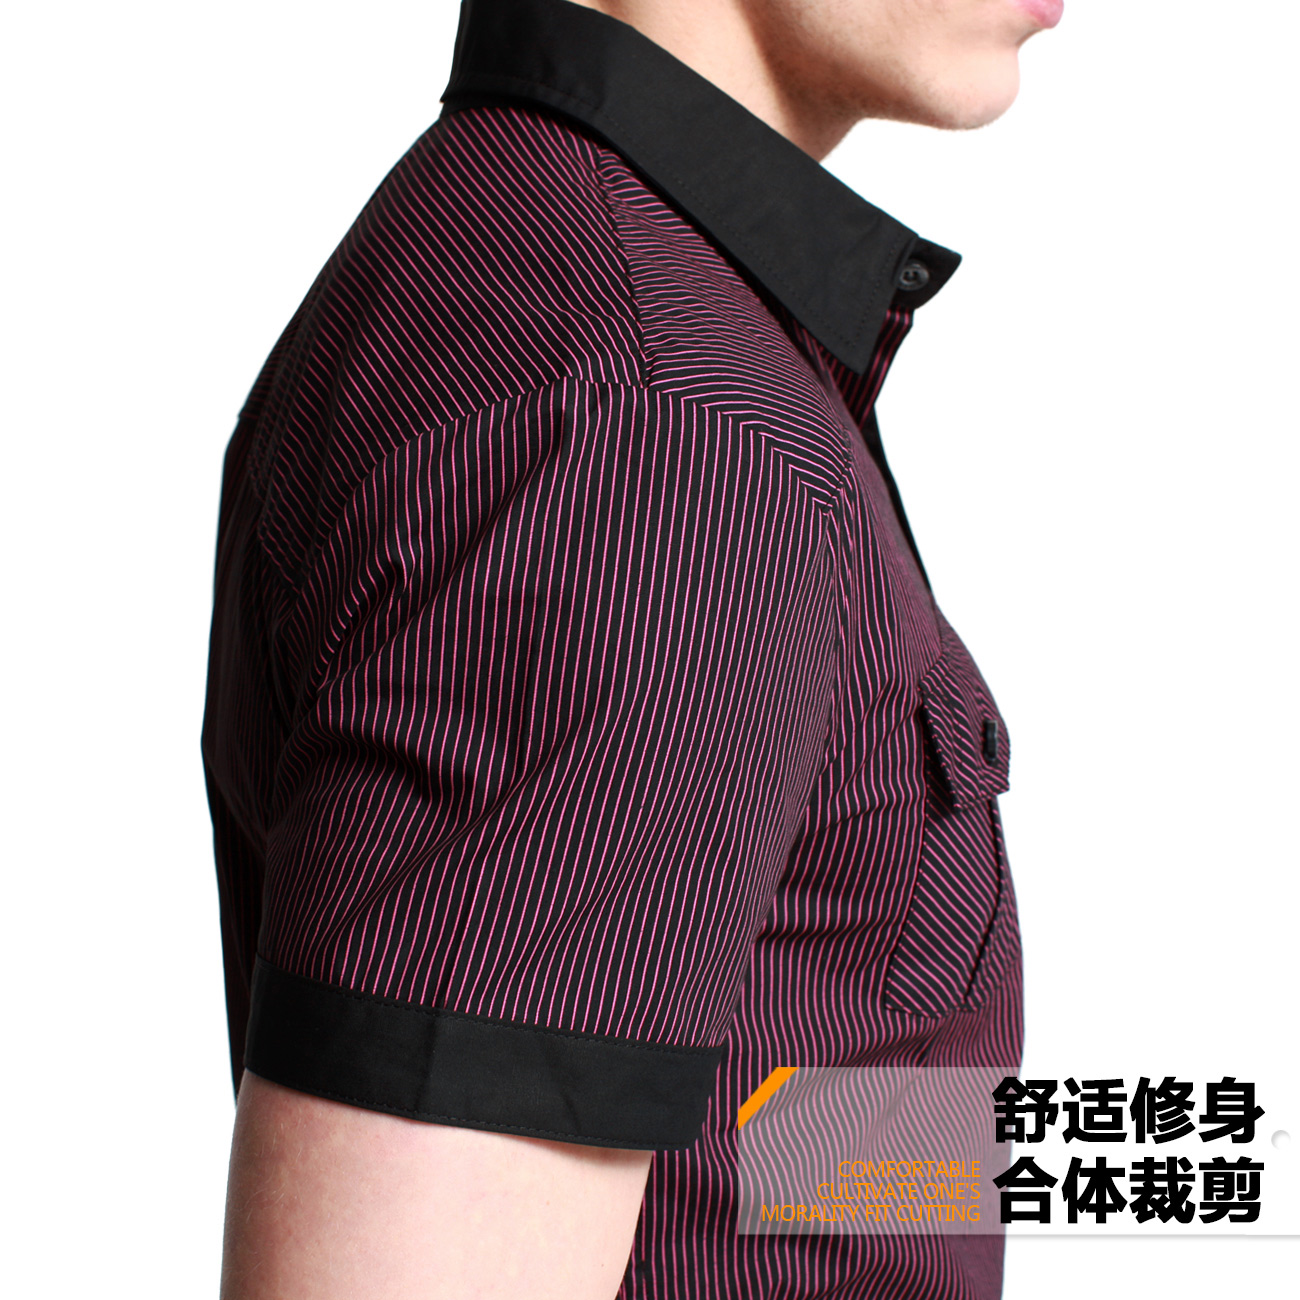 Рубашка мужская KUEGOU YC/237 YC-237 Весна 2013 Крашенный в пряже С остроконечным лацканом Короткие рукава (длина рукава <35см)